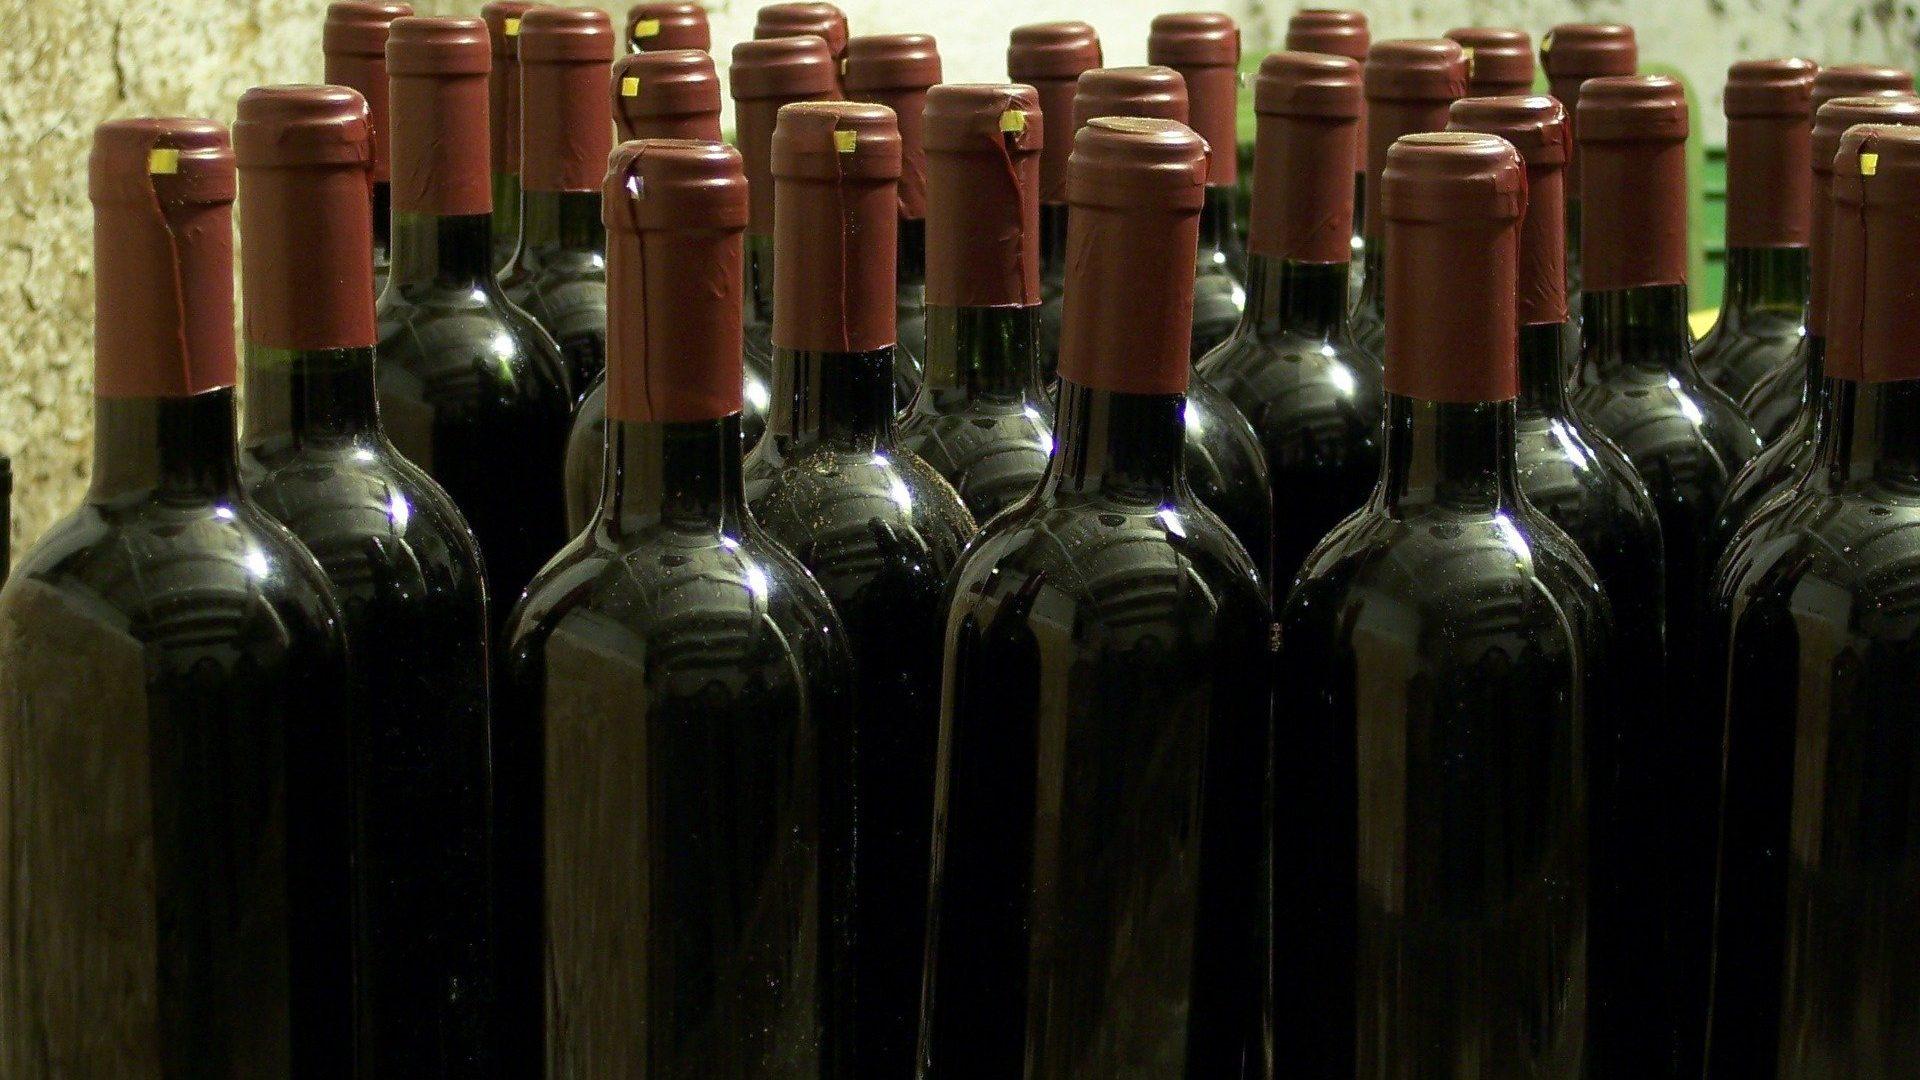 bottles-96328_1920